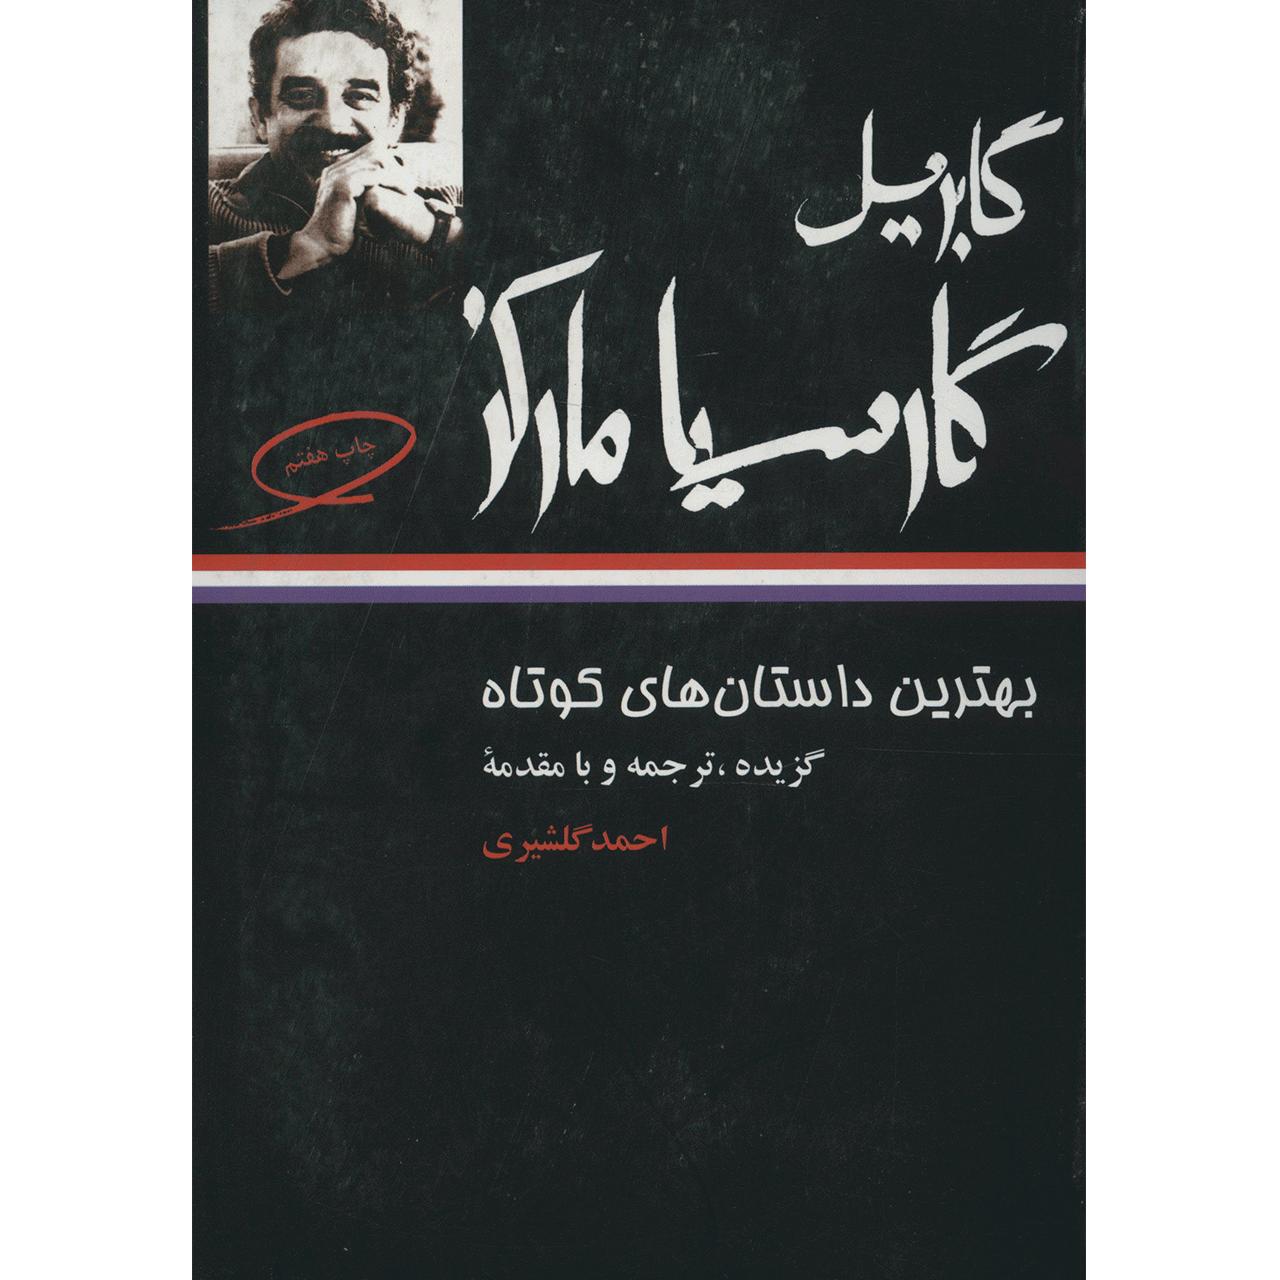 خرید                      کتاب بهترین داستان های کوتاه گابریل گارسیا مارکز